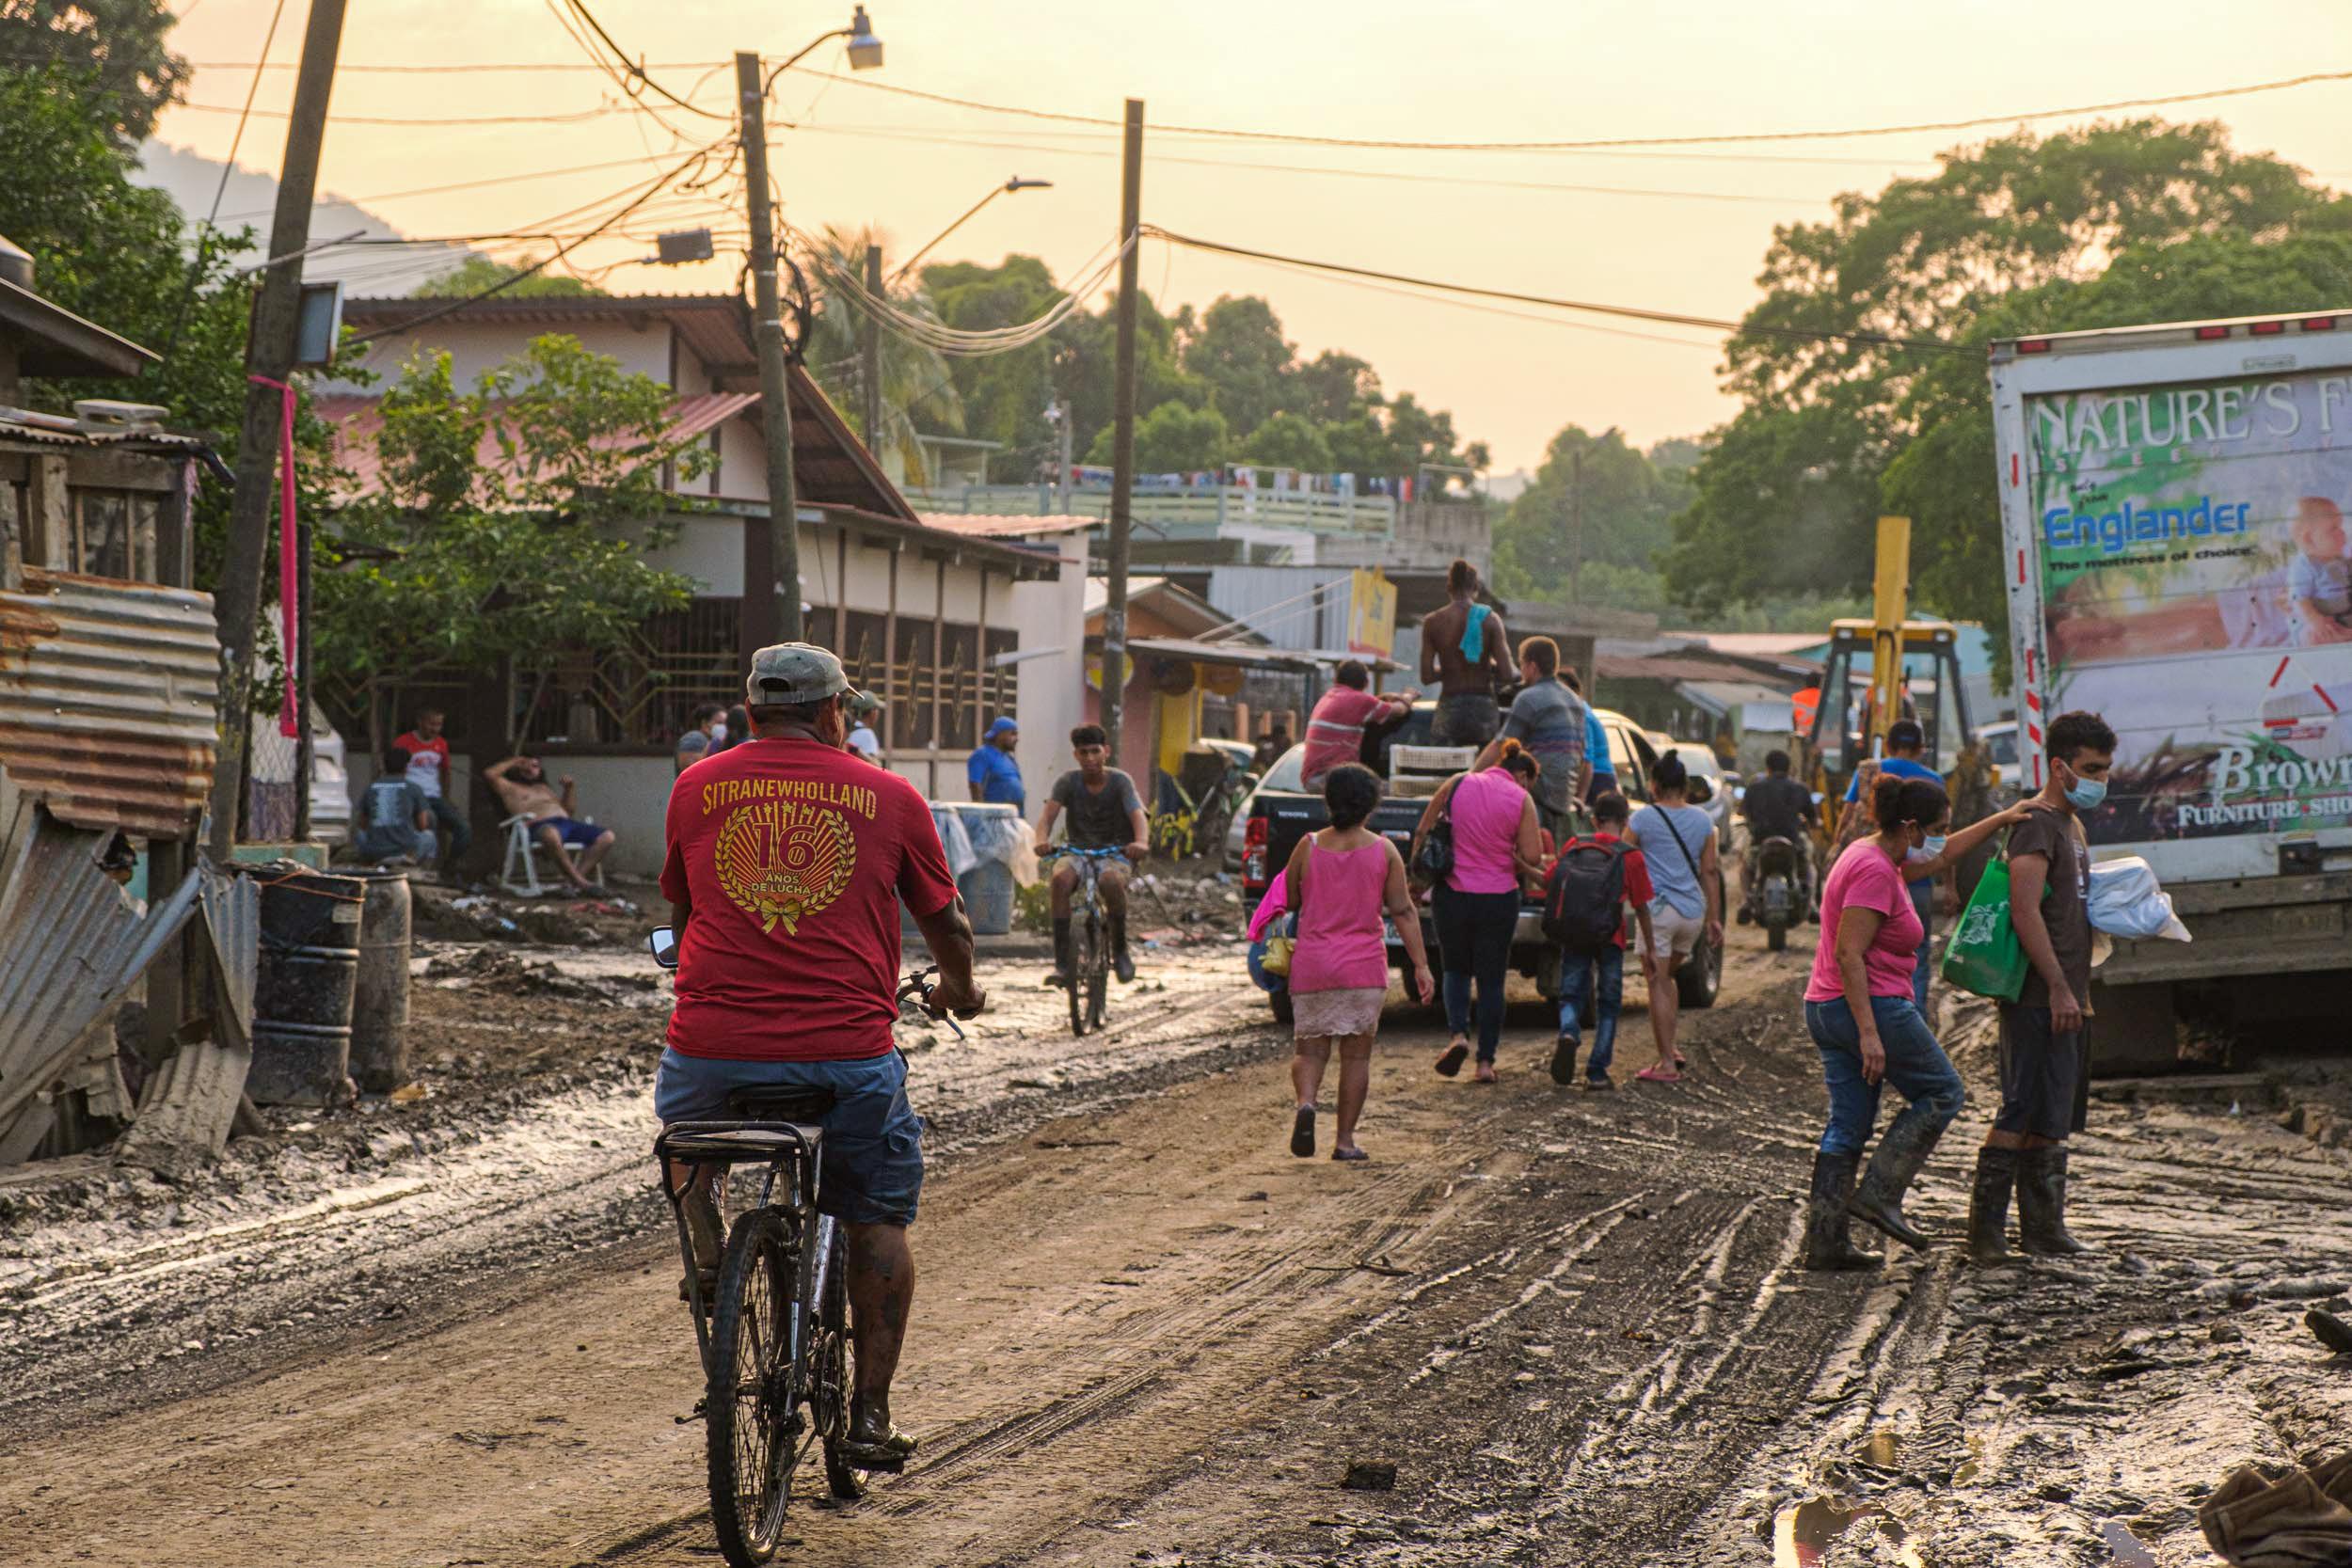 Los pobladores de las zonas afectadas en Chamelecón llegan para limpiar durante el día y al atardecer salen para dormir en otro lugar. San Pedro Sula, 10 de noviembre de 2020. Foto: Deiby Yanes.